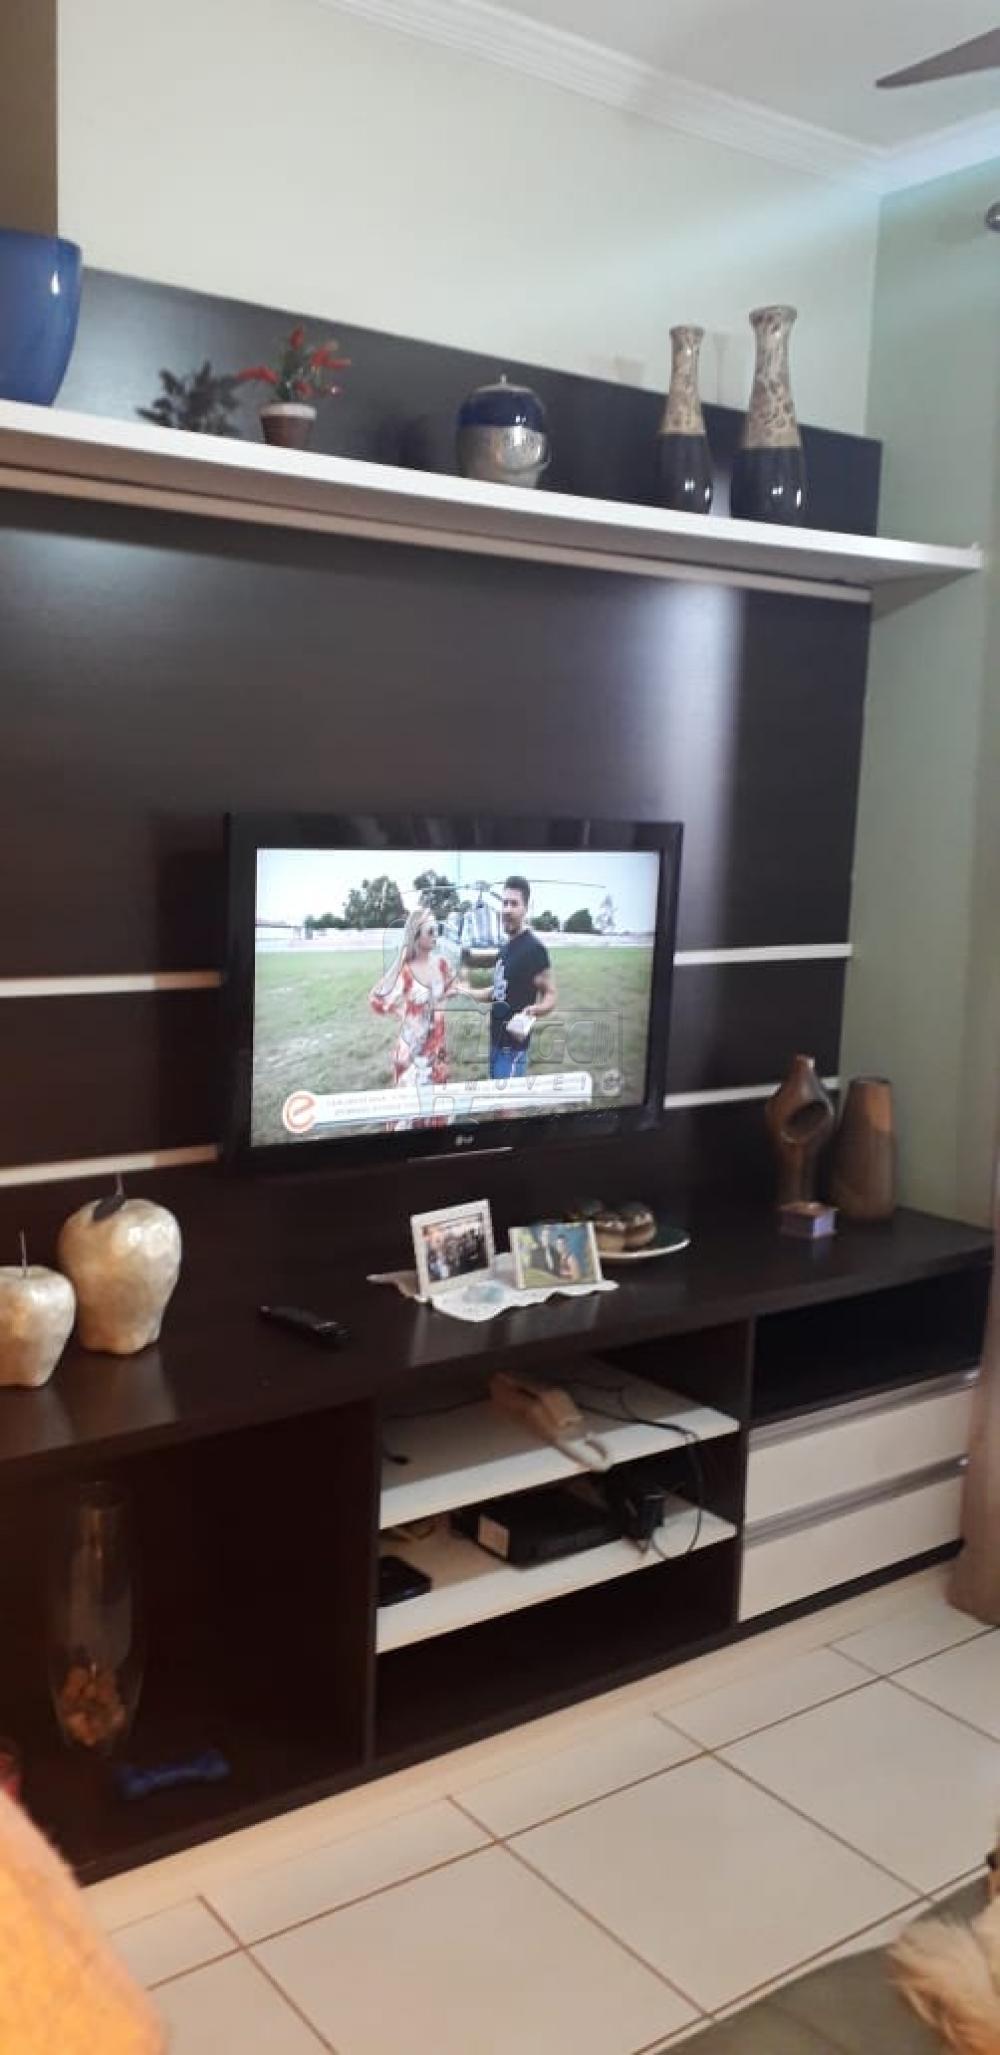 Comprar Apartamento / Padrão em Ribeirão Preto apenas R$ 200.000,00 - Foto 13